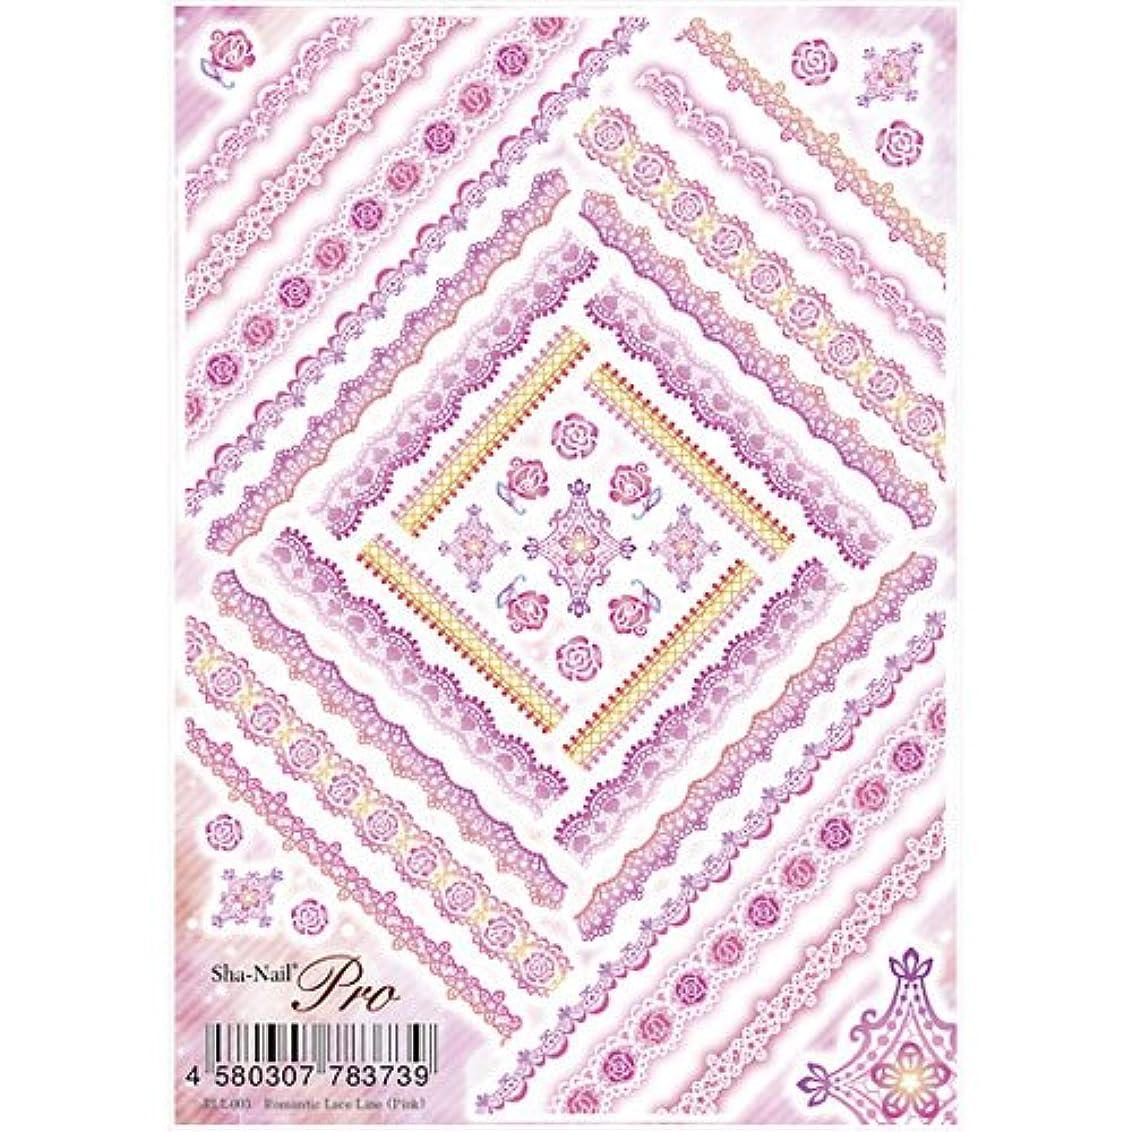 邪魔流暢貴重な写ネイルプロ ロマンチックレースライン ピンク